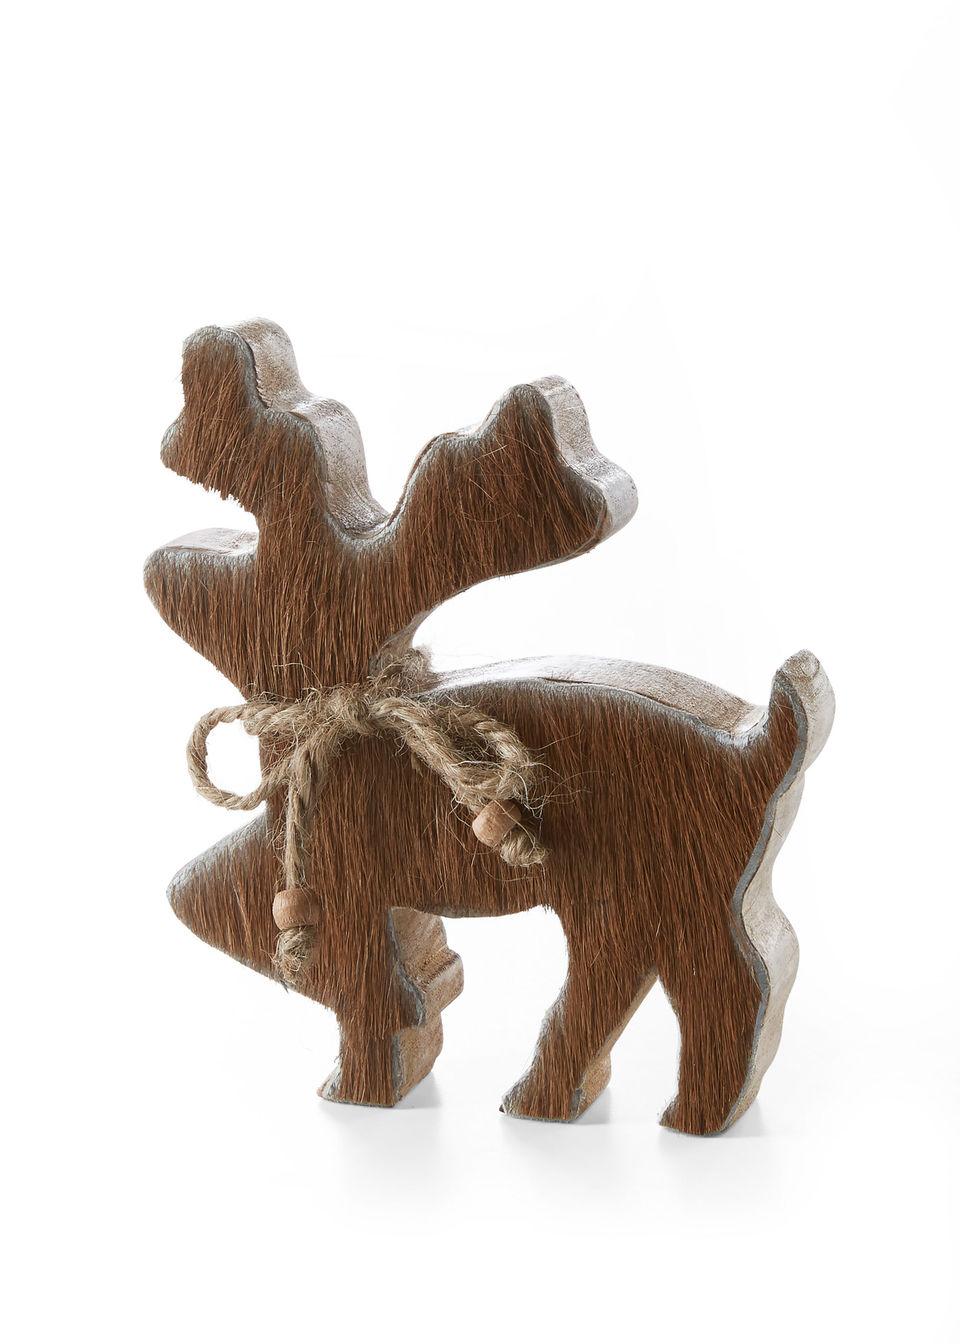 Купить Декорации, Лось деревянный с коровьим мехом, bonprix, коричневый